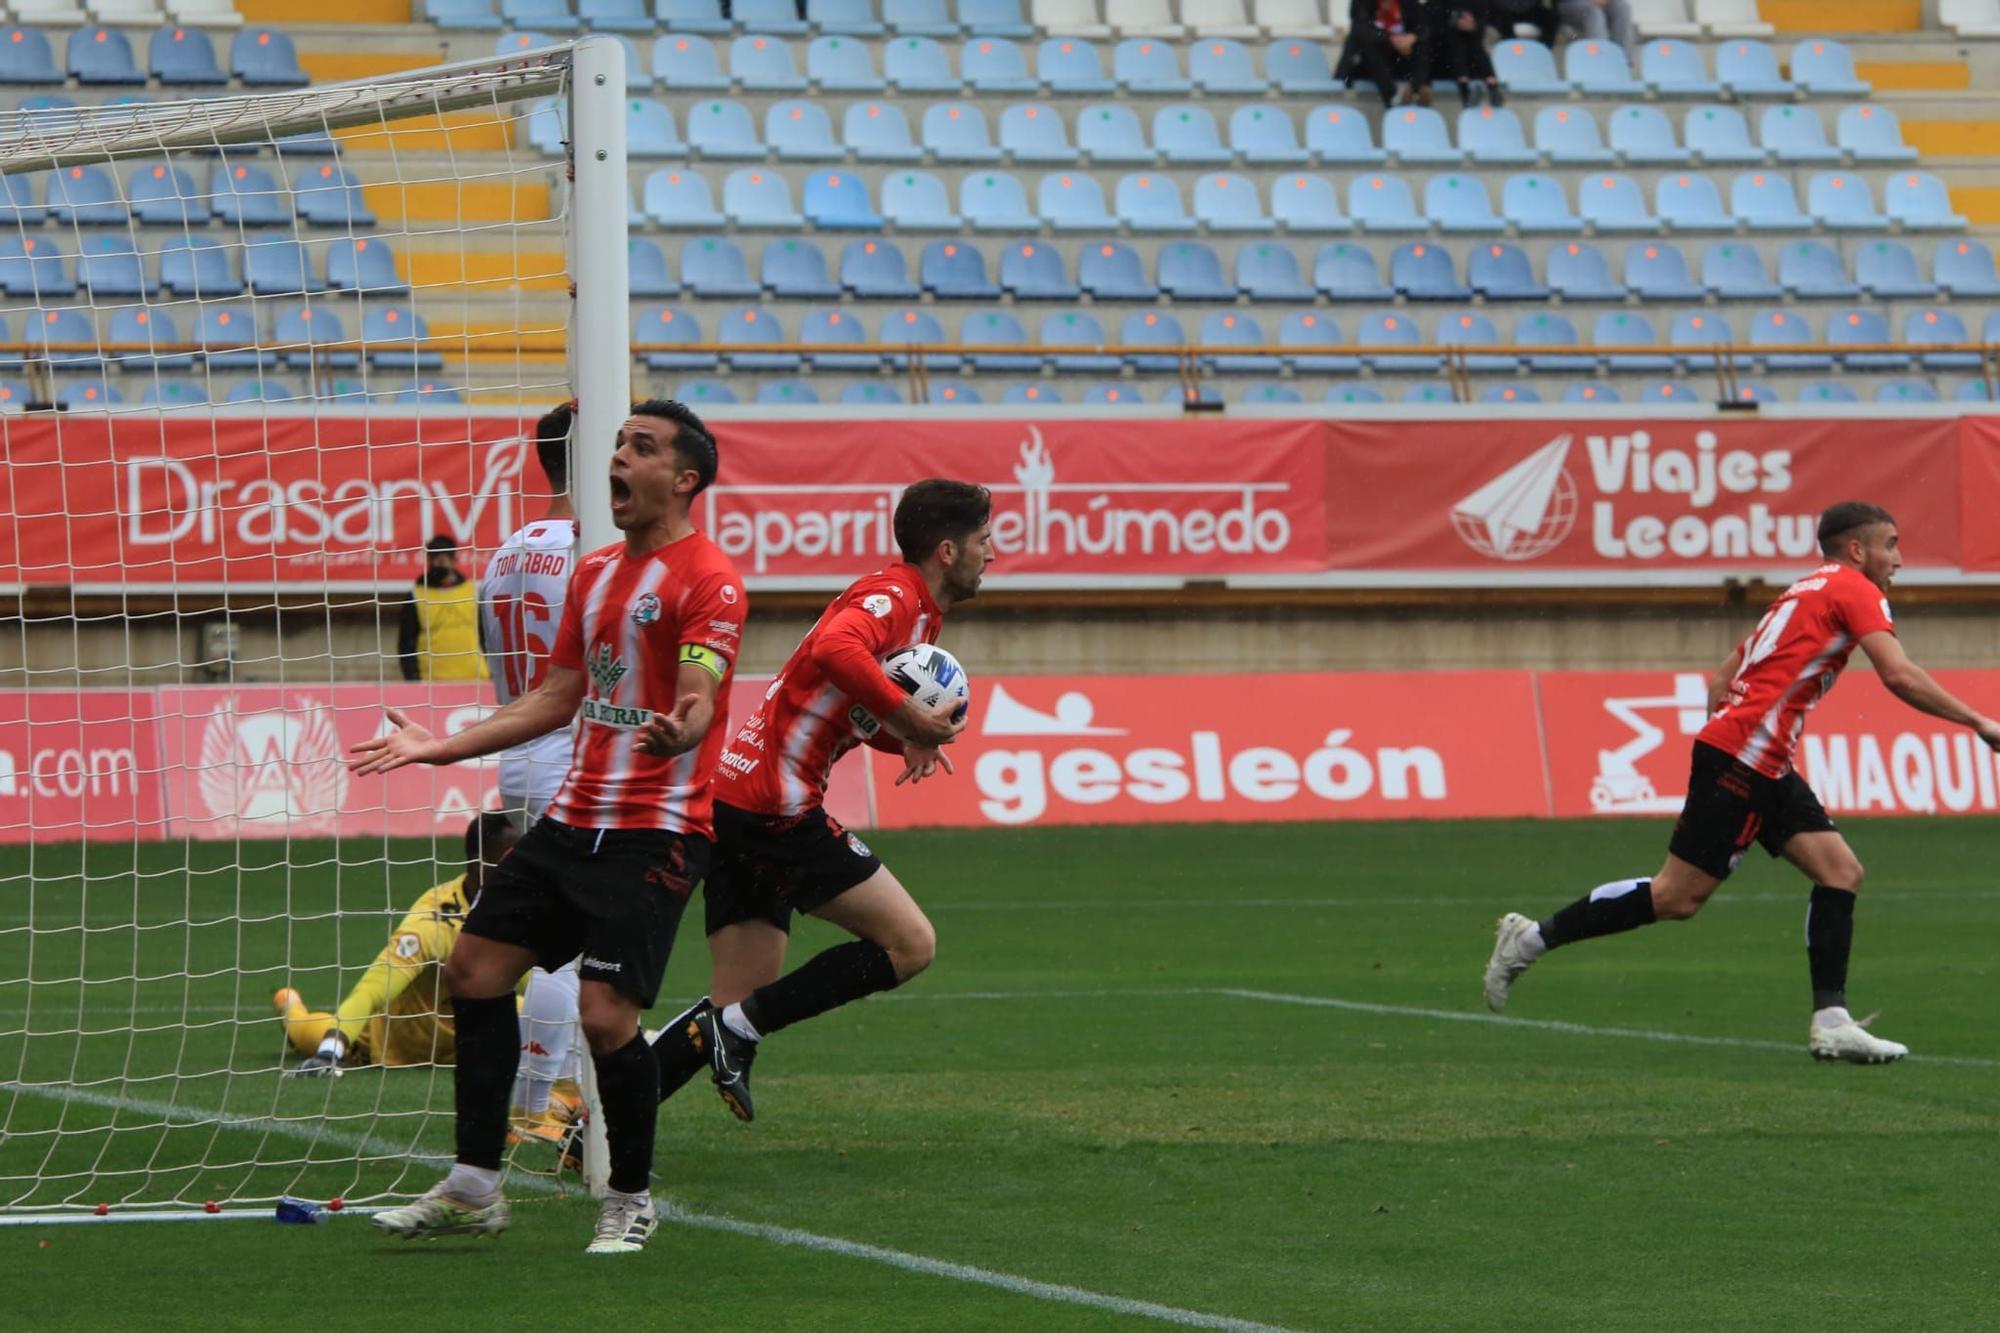 GALERÍA | Las mejores imágenes del partido Cultural Leonesa-Zamora CF (2-2)